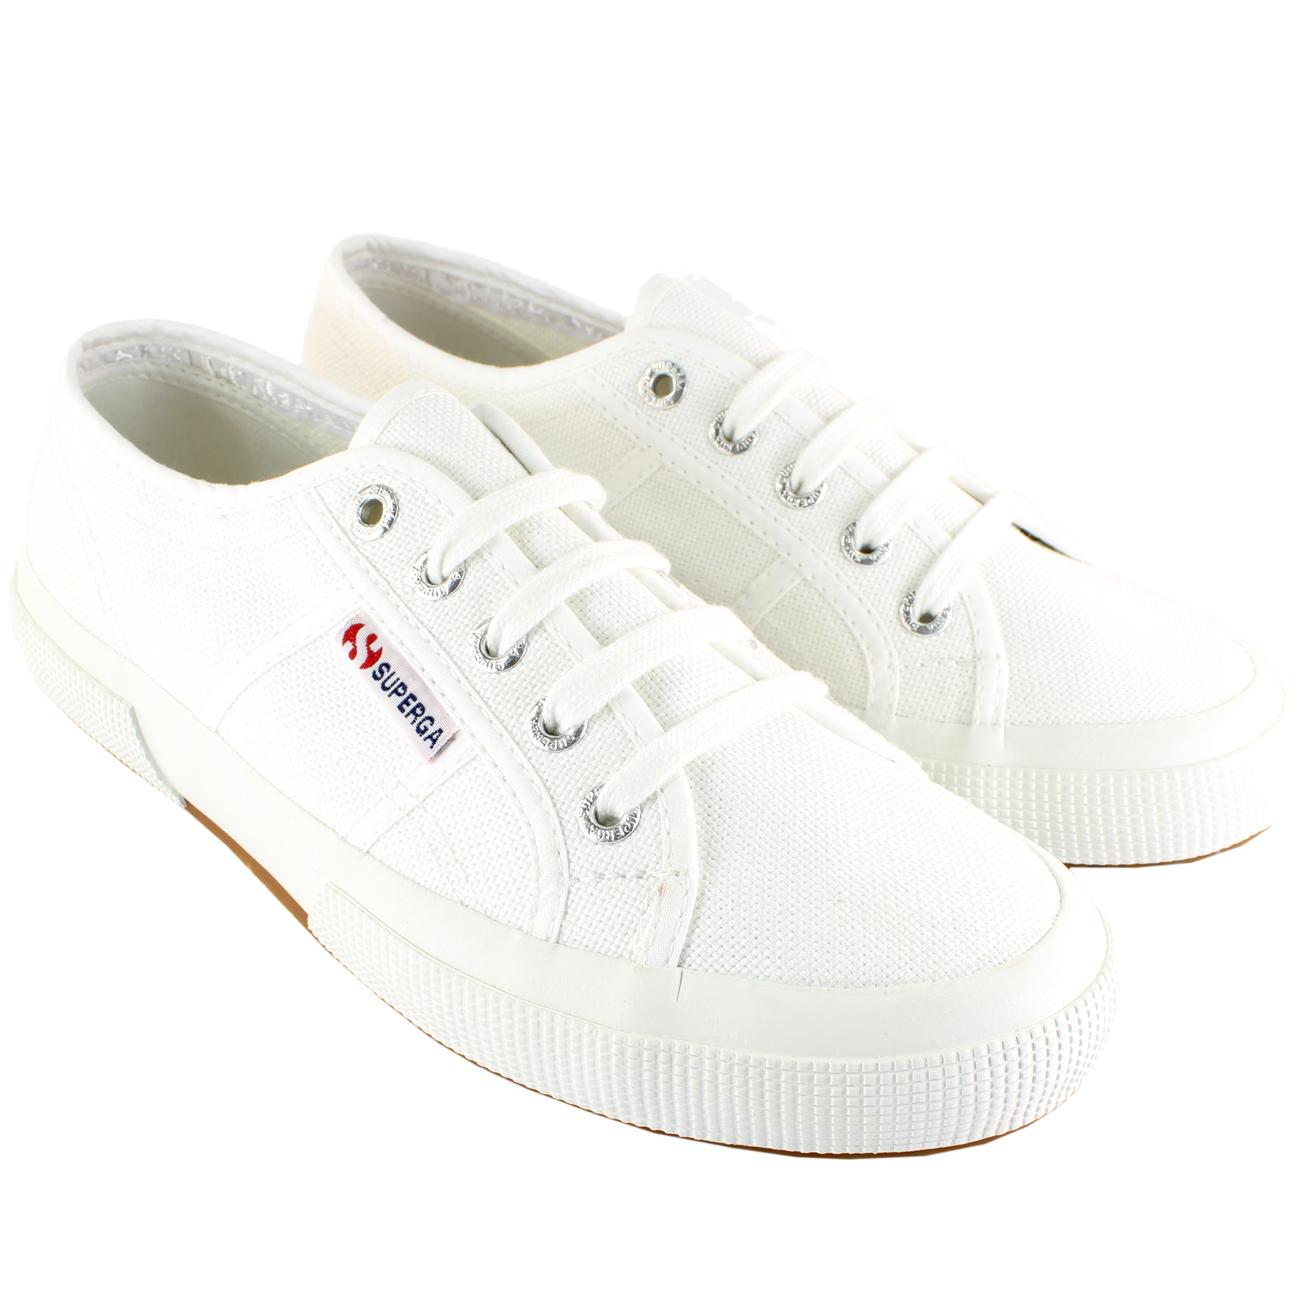 Superga Shoe Size